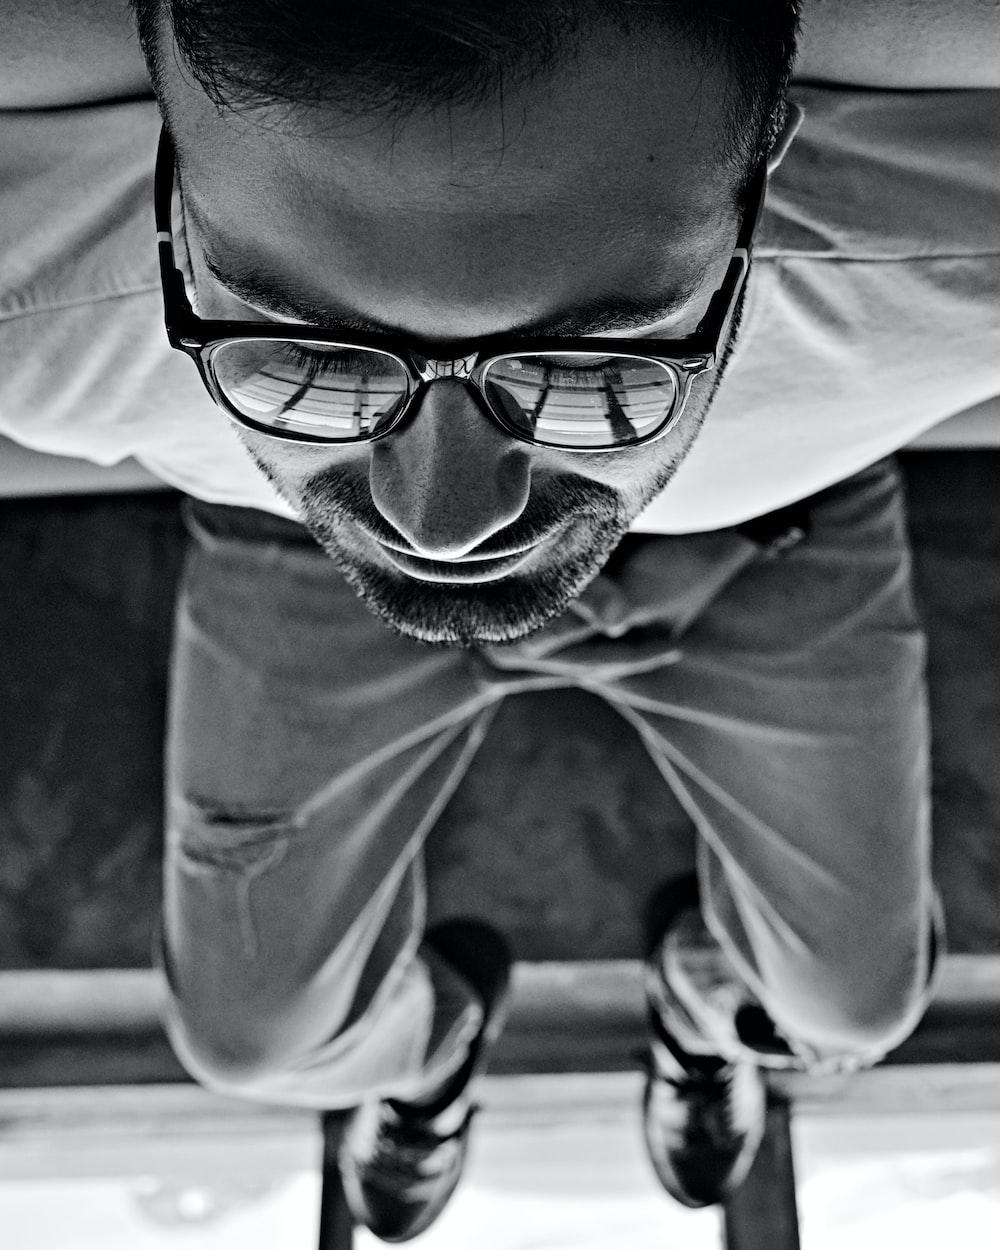 man in white shirt and black framed eyeglasses